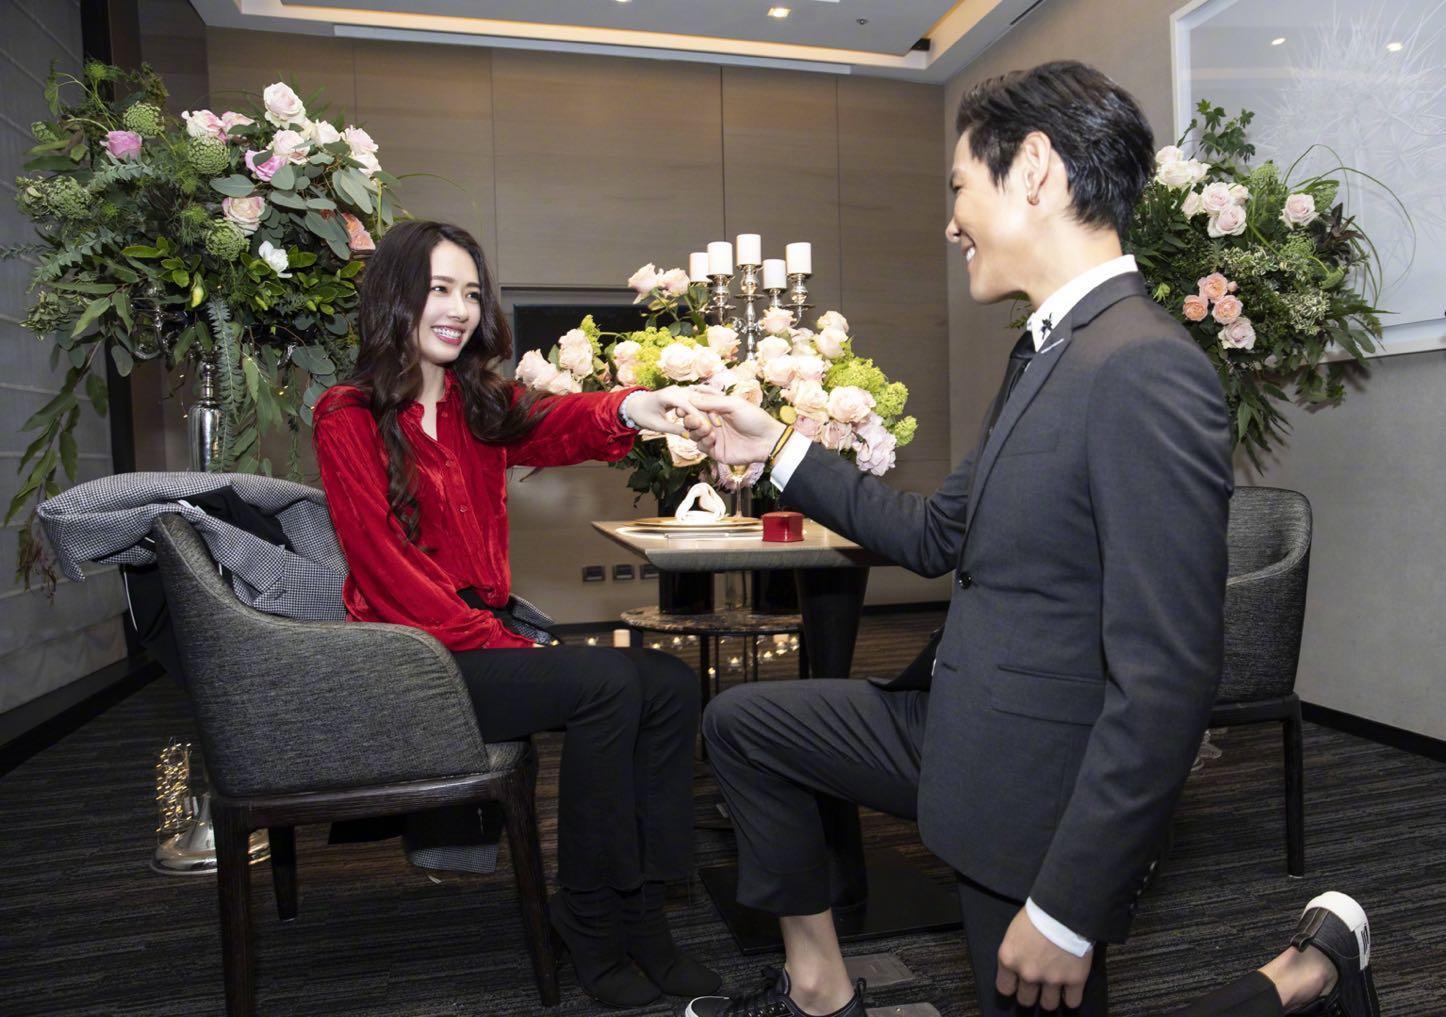 向太发微博承认向佐求婚郭碧婷,感谢大家的祝福,求婚场面狂撒糖